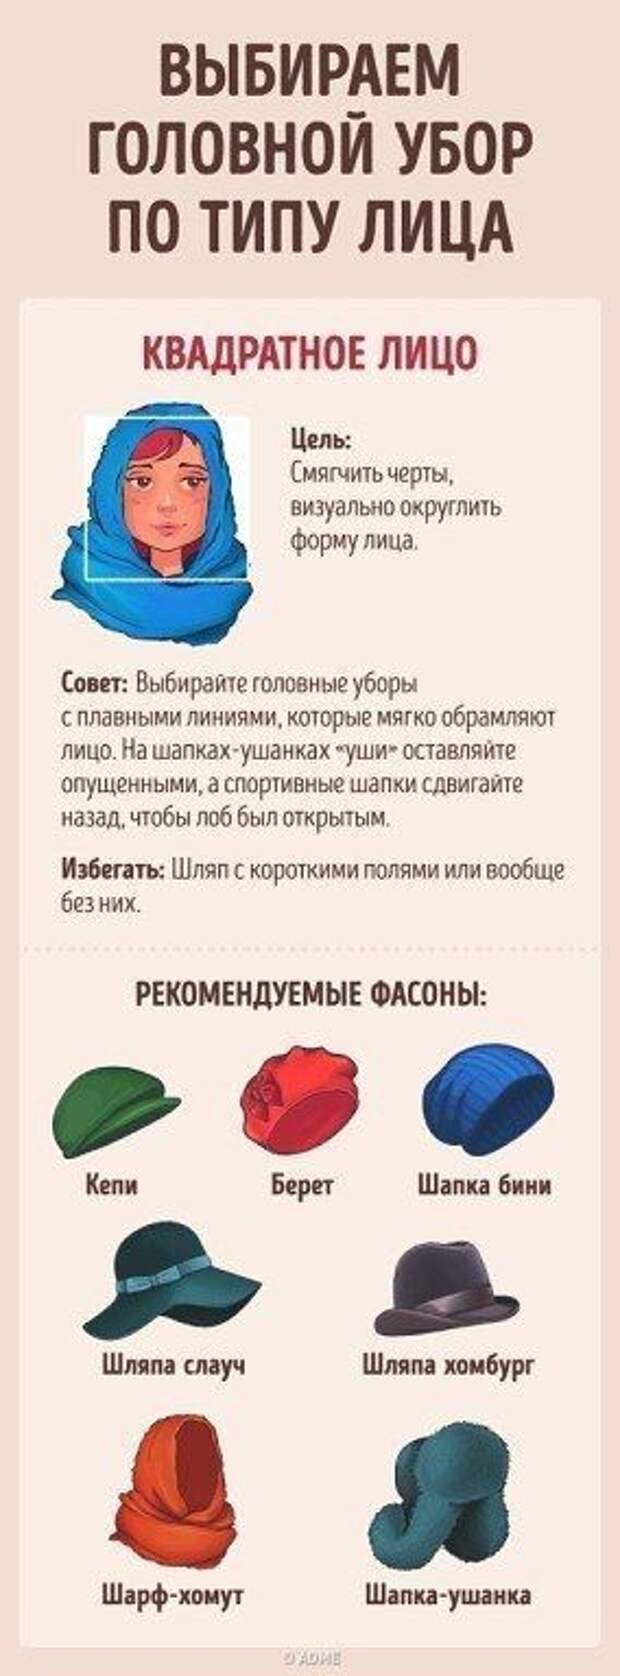 Как выбрать головной убор в соответствии с типом лица. На заметку